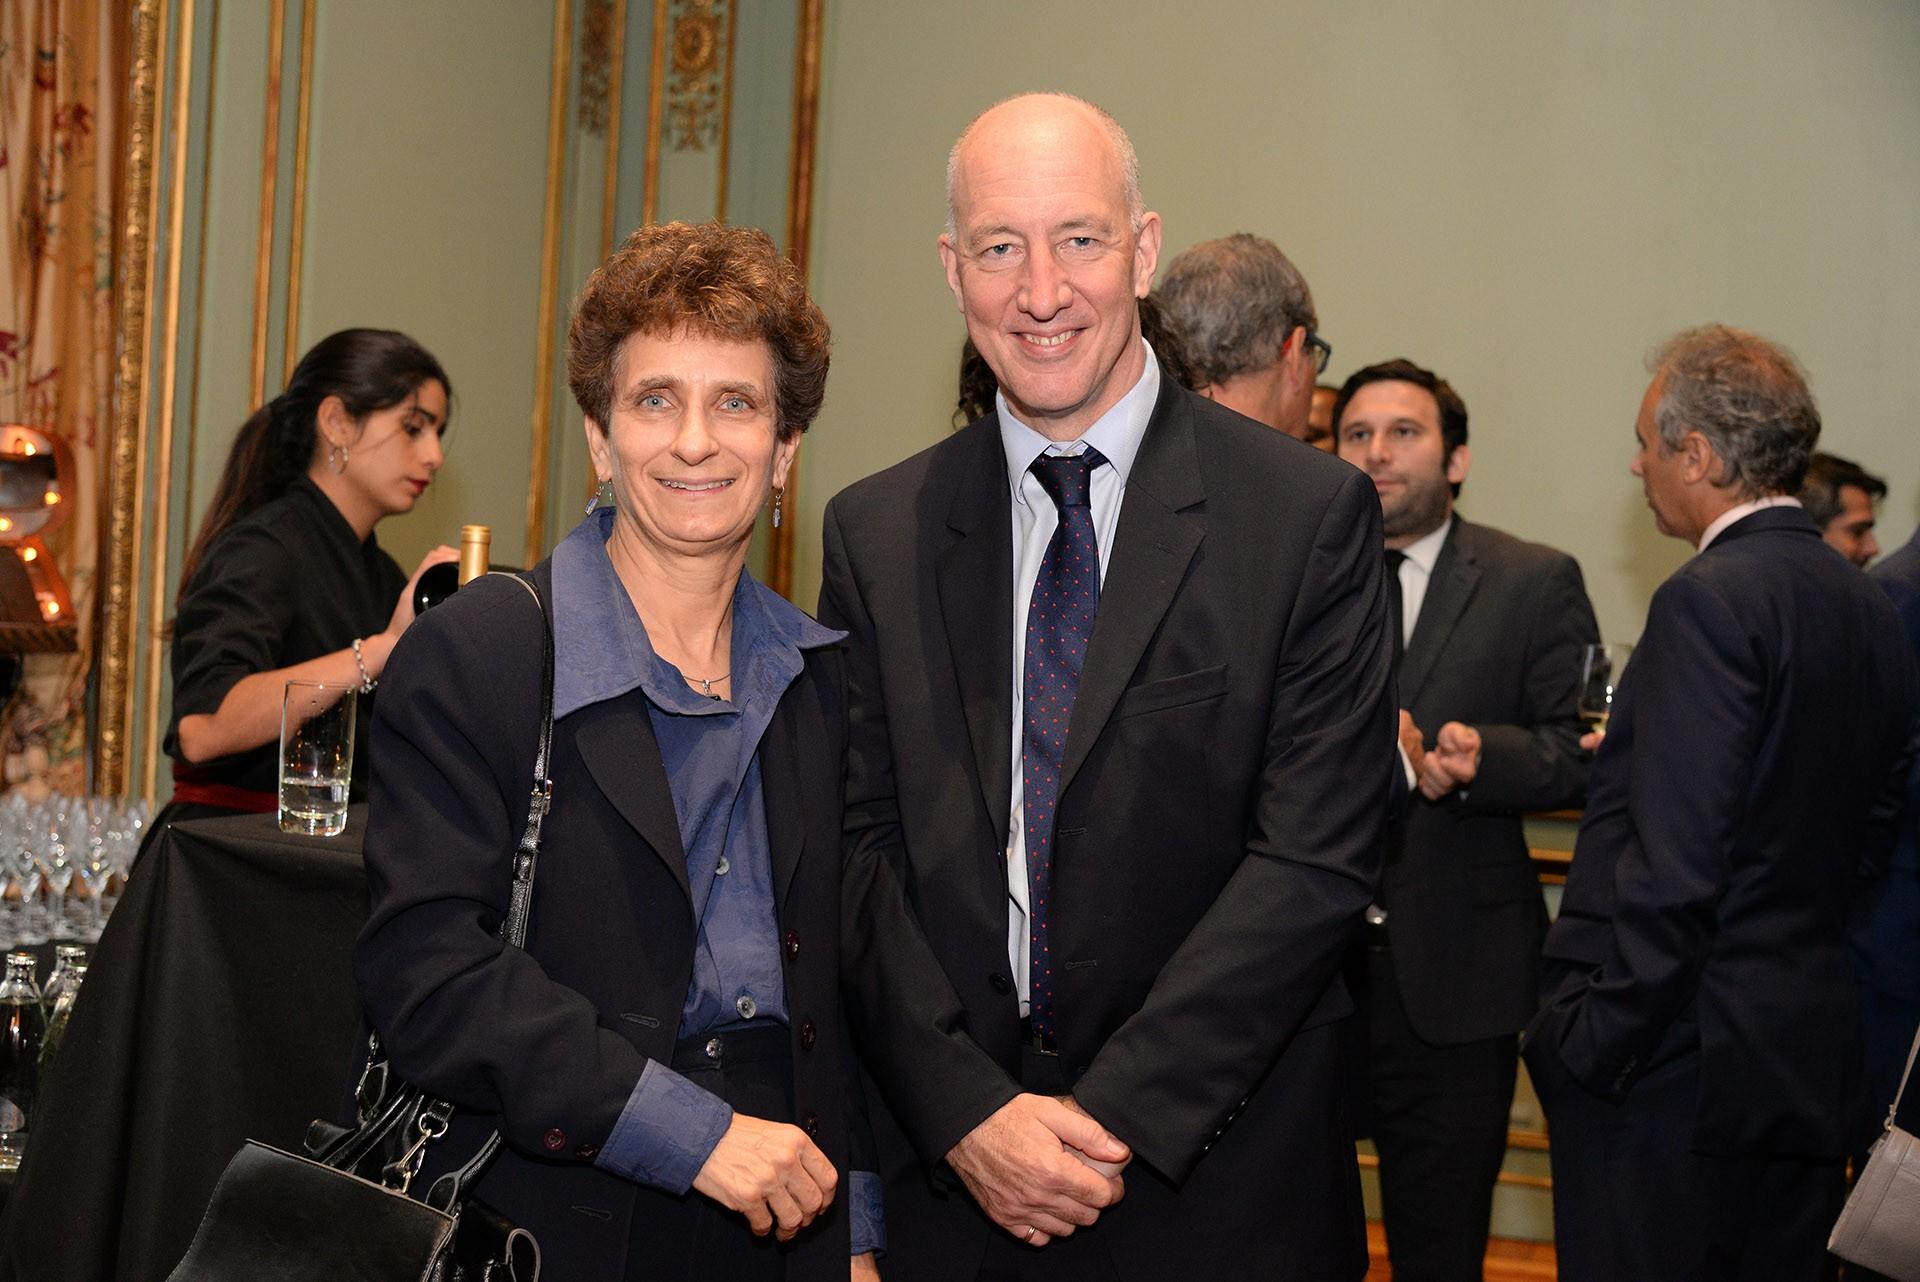 La embajadora de Israel en la Argentina, Ronen Galit, junto al embajador británico, Mark Kent